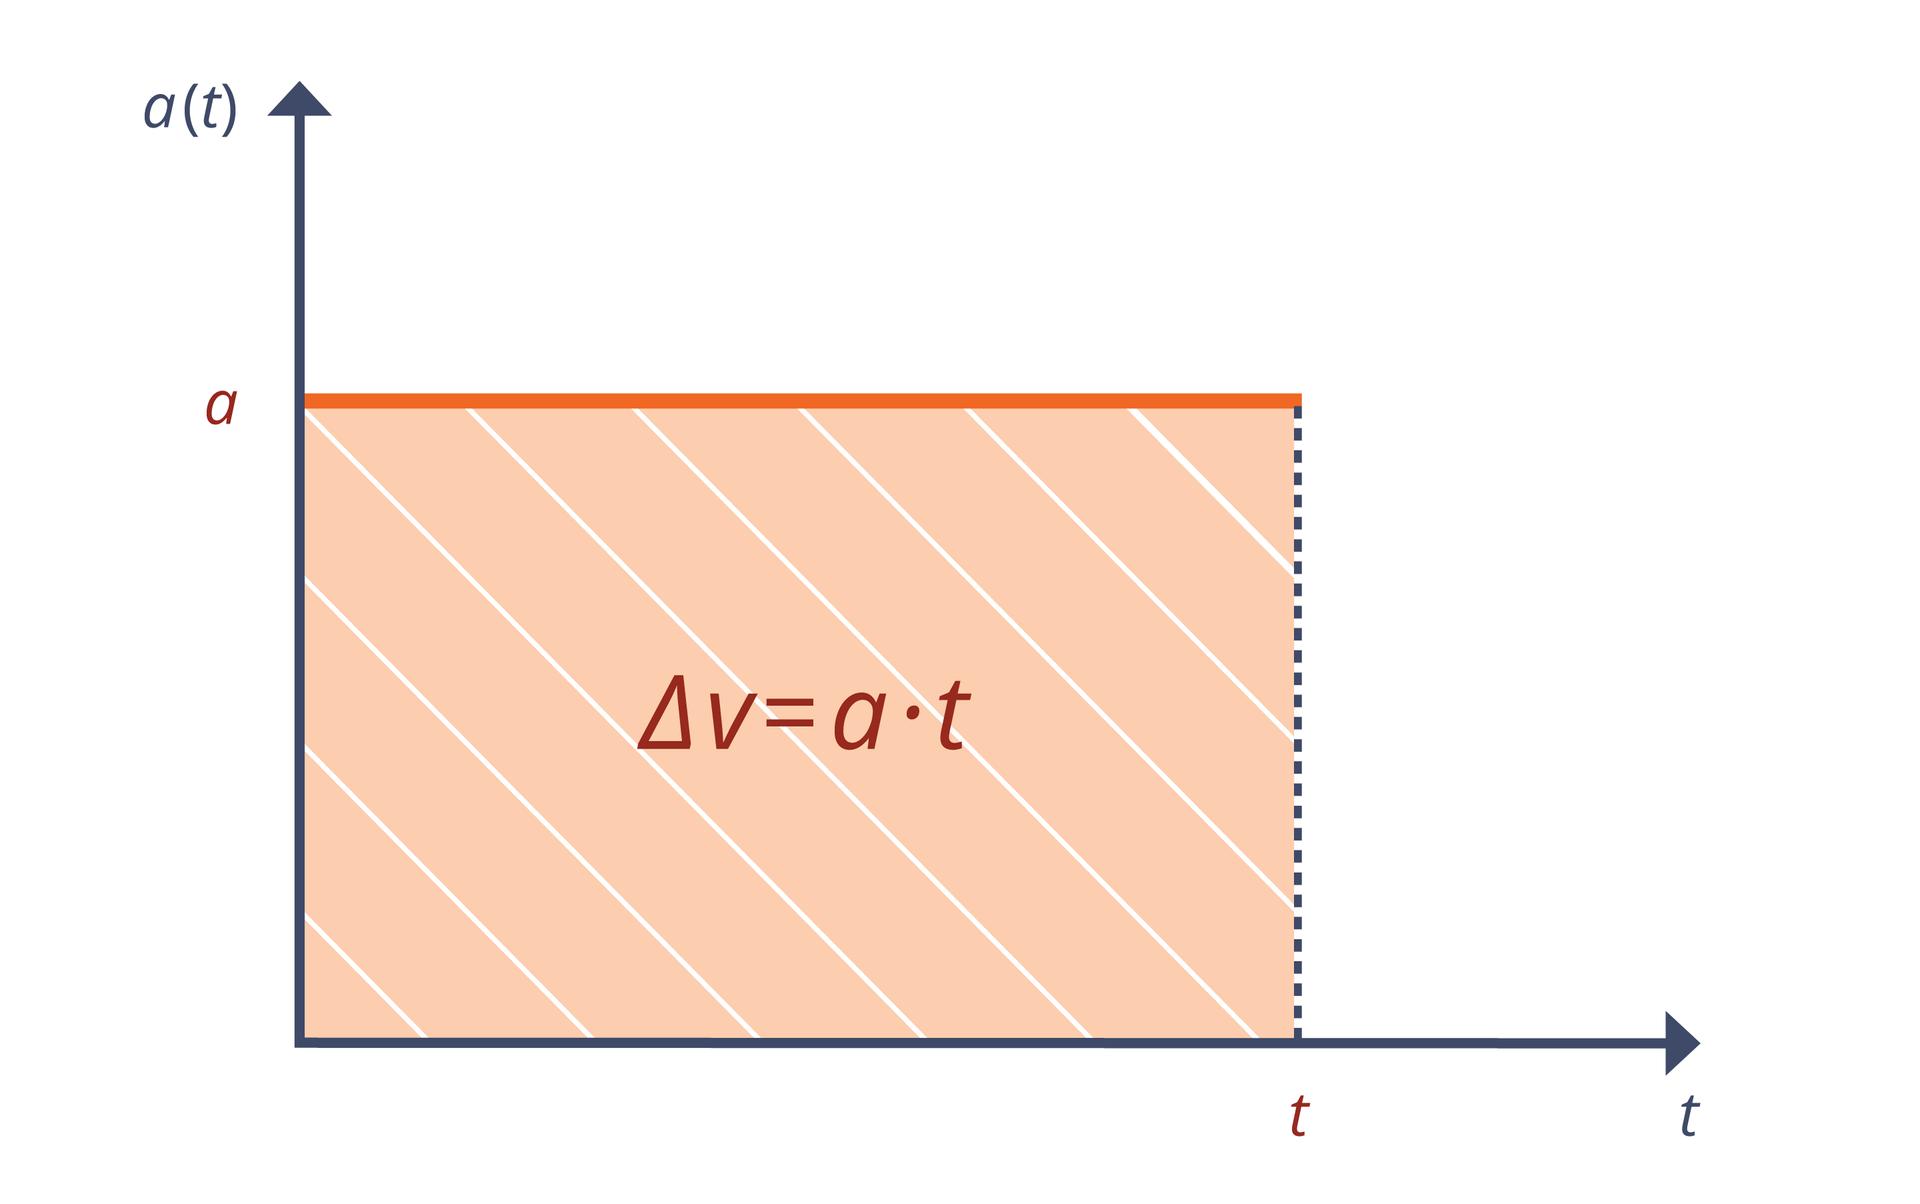 """Ilustracja przedstawia wykres. Tło białe. Oś odciętych opisana jako """"t"""". Oś rzędnych opisana jako """"a (t)"""". Na wykresie pomarańczowy odcinek. Odcinek równoległy do osi odciętych. Początek na osi rzędnych, wokoło trzech czwartych jej wysokości, wpunkcie """"a"""". Na osi odciętych zaznaczono punkt """"t"""" (w około czterech piątych jej długości). Na wykresie zaznaczono obszar pod odcinkiem. Tworzy on prostokąt. Wśrodku umieszczono wzór: ∆v = a• t."""